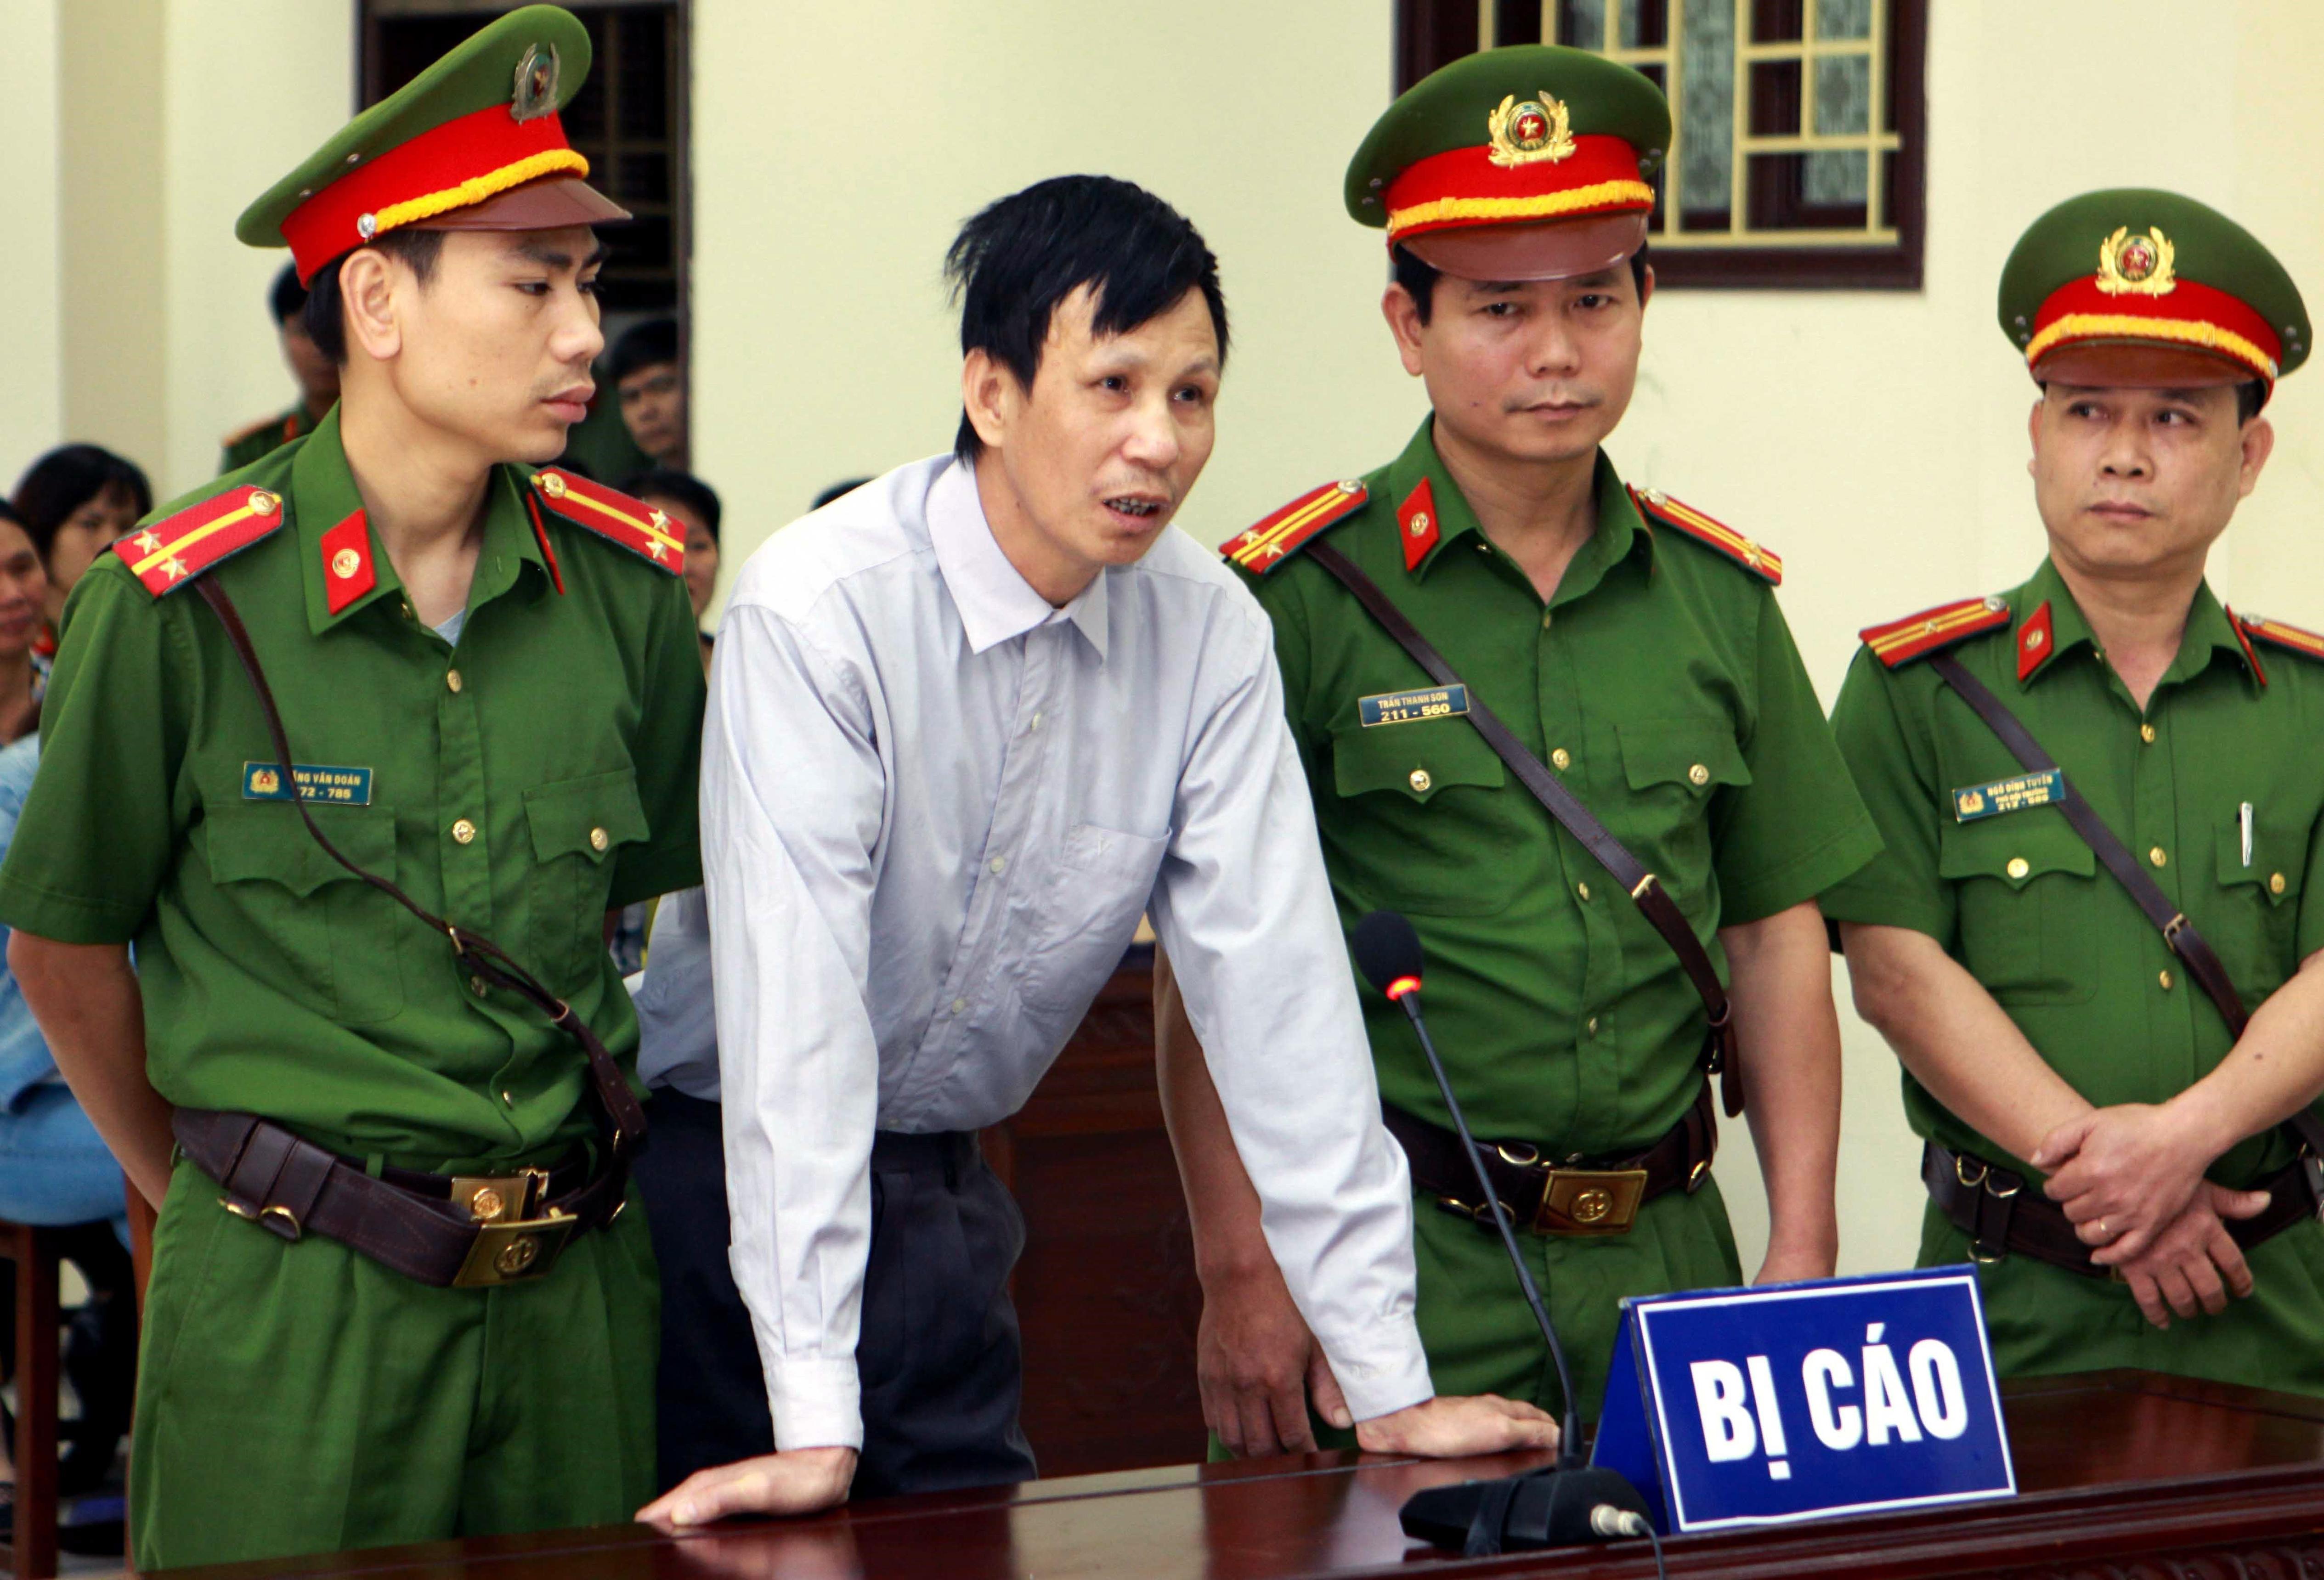 Tù nhân lương tâm Nguyễn Văn Túc bị chuyển trại xa nhà